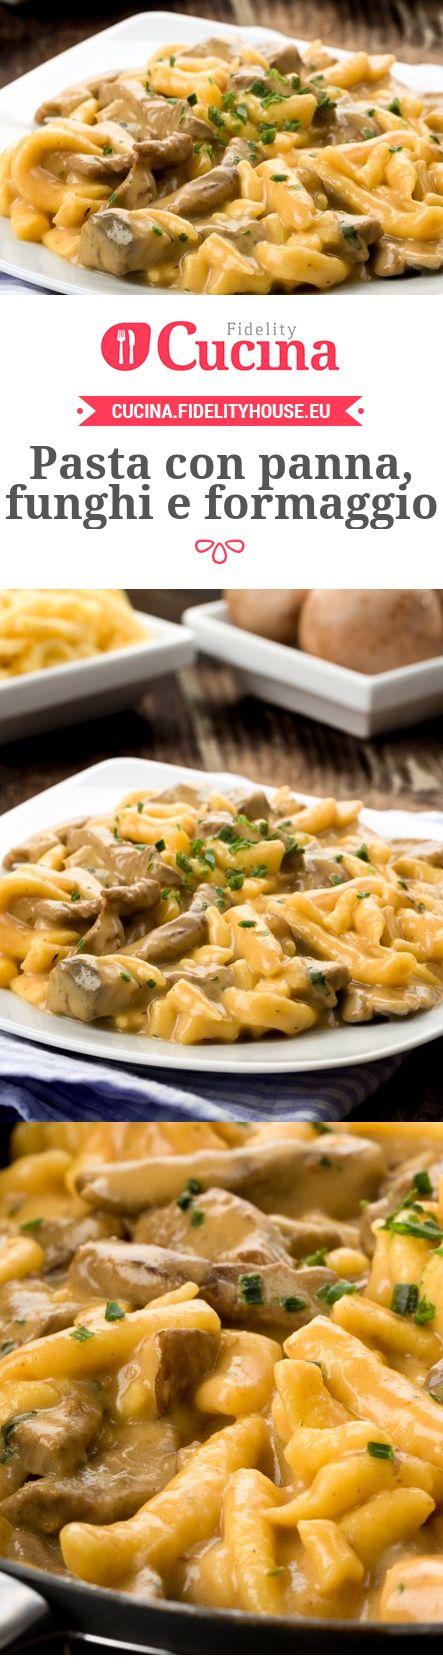 Pasta con panna, funghi e formaggio